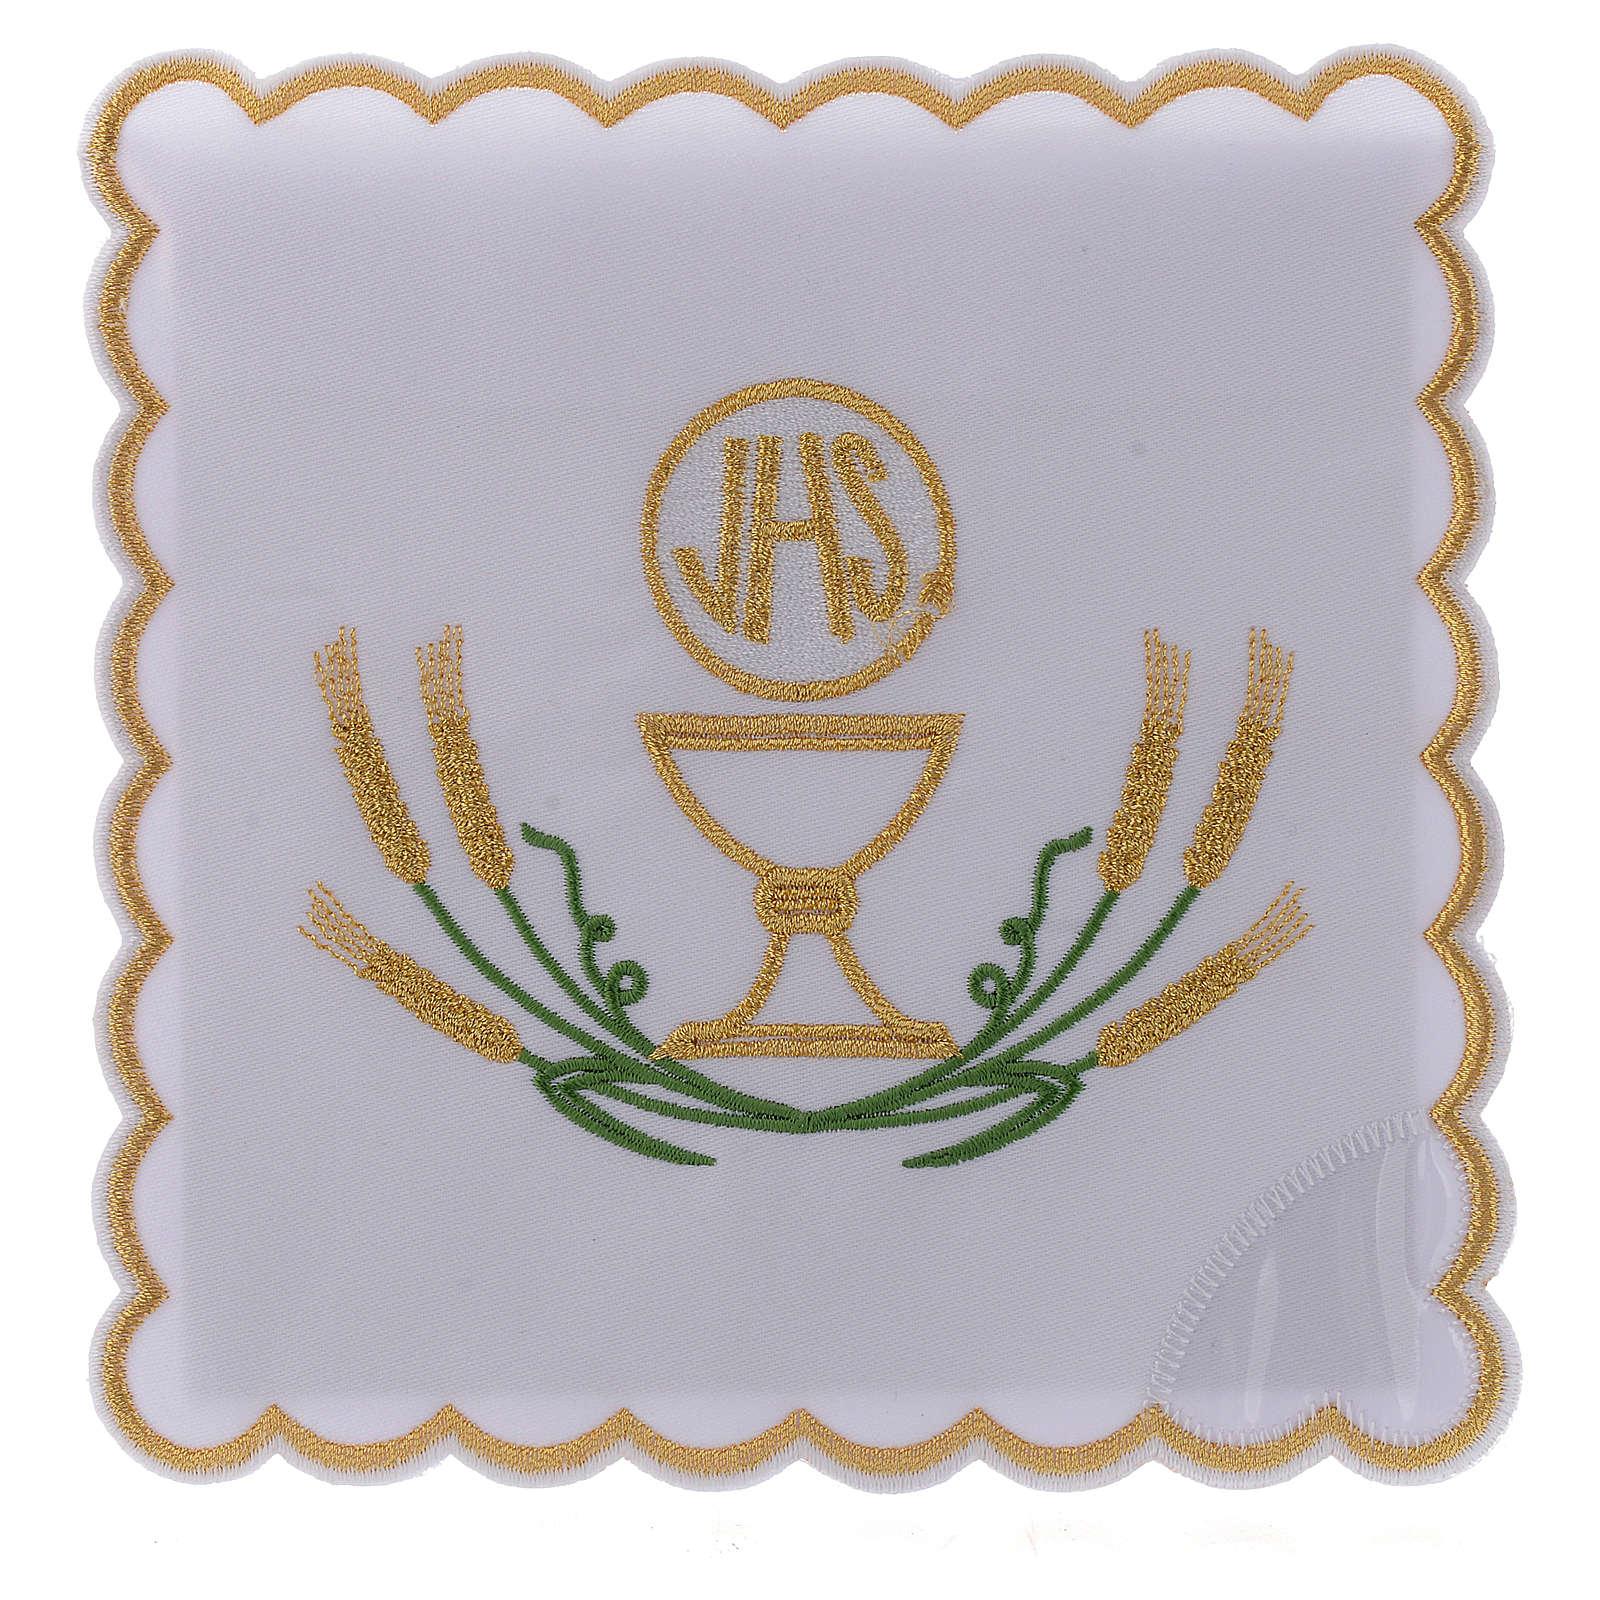 Servicio de altar algodón espigas estilizadas amarillo oro verdes cáliz JHS 4